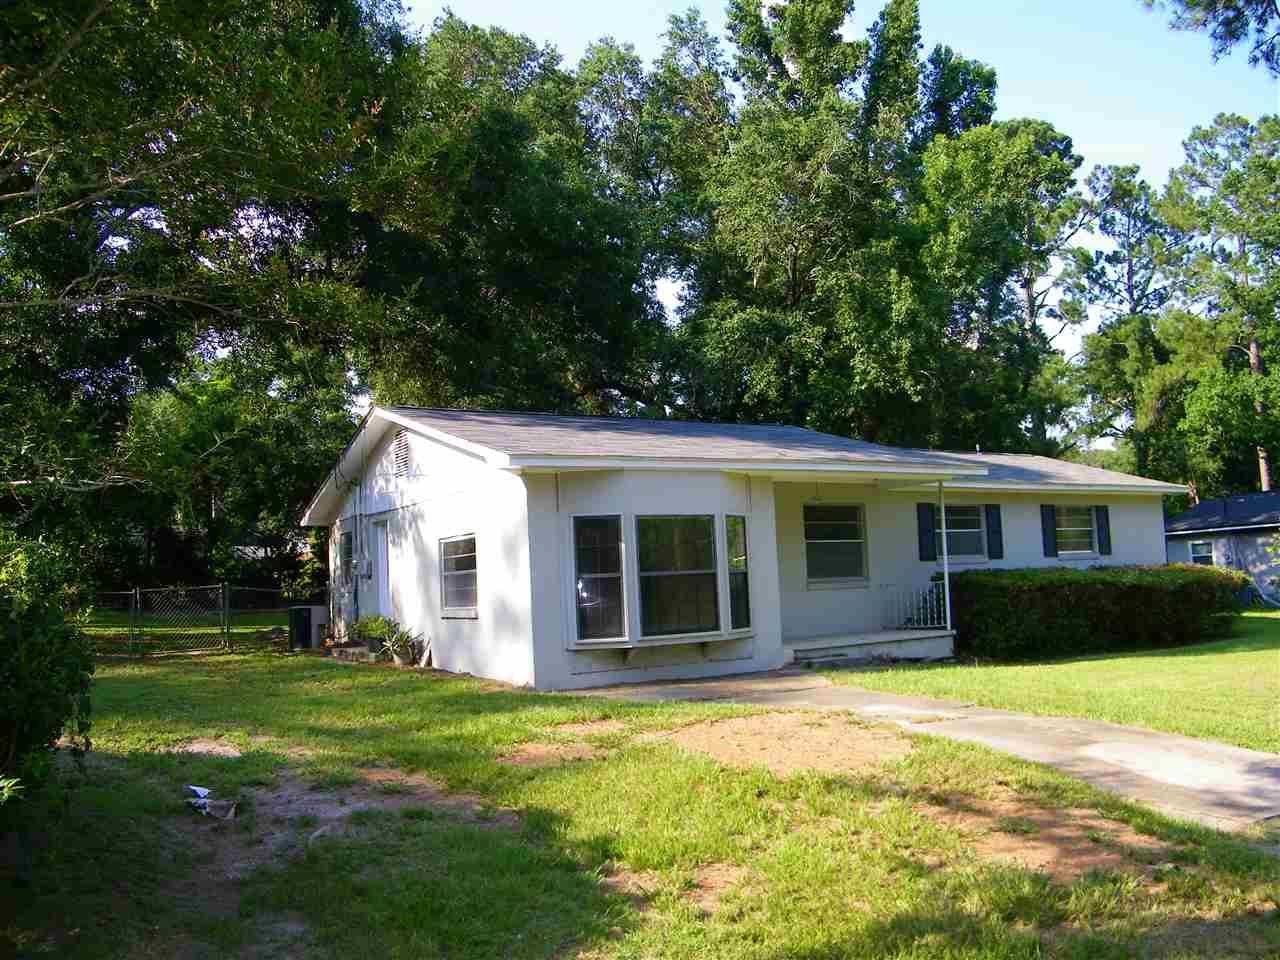 Photo of 2612 Rippee, TALLAHASSEE, FL 32302 (MLS # 320851)